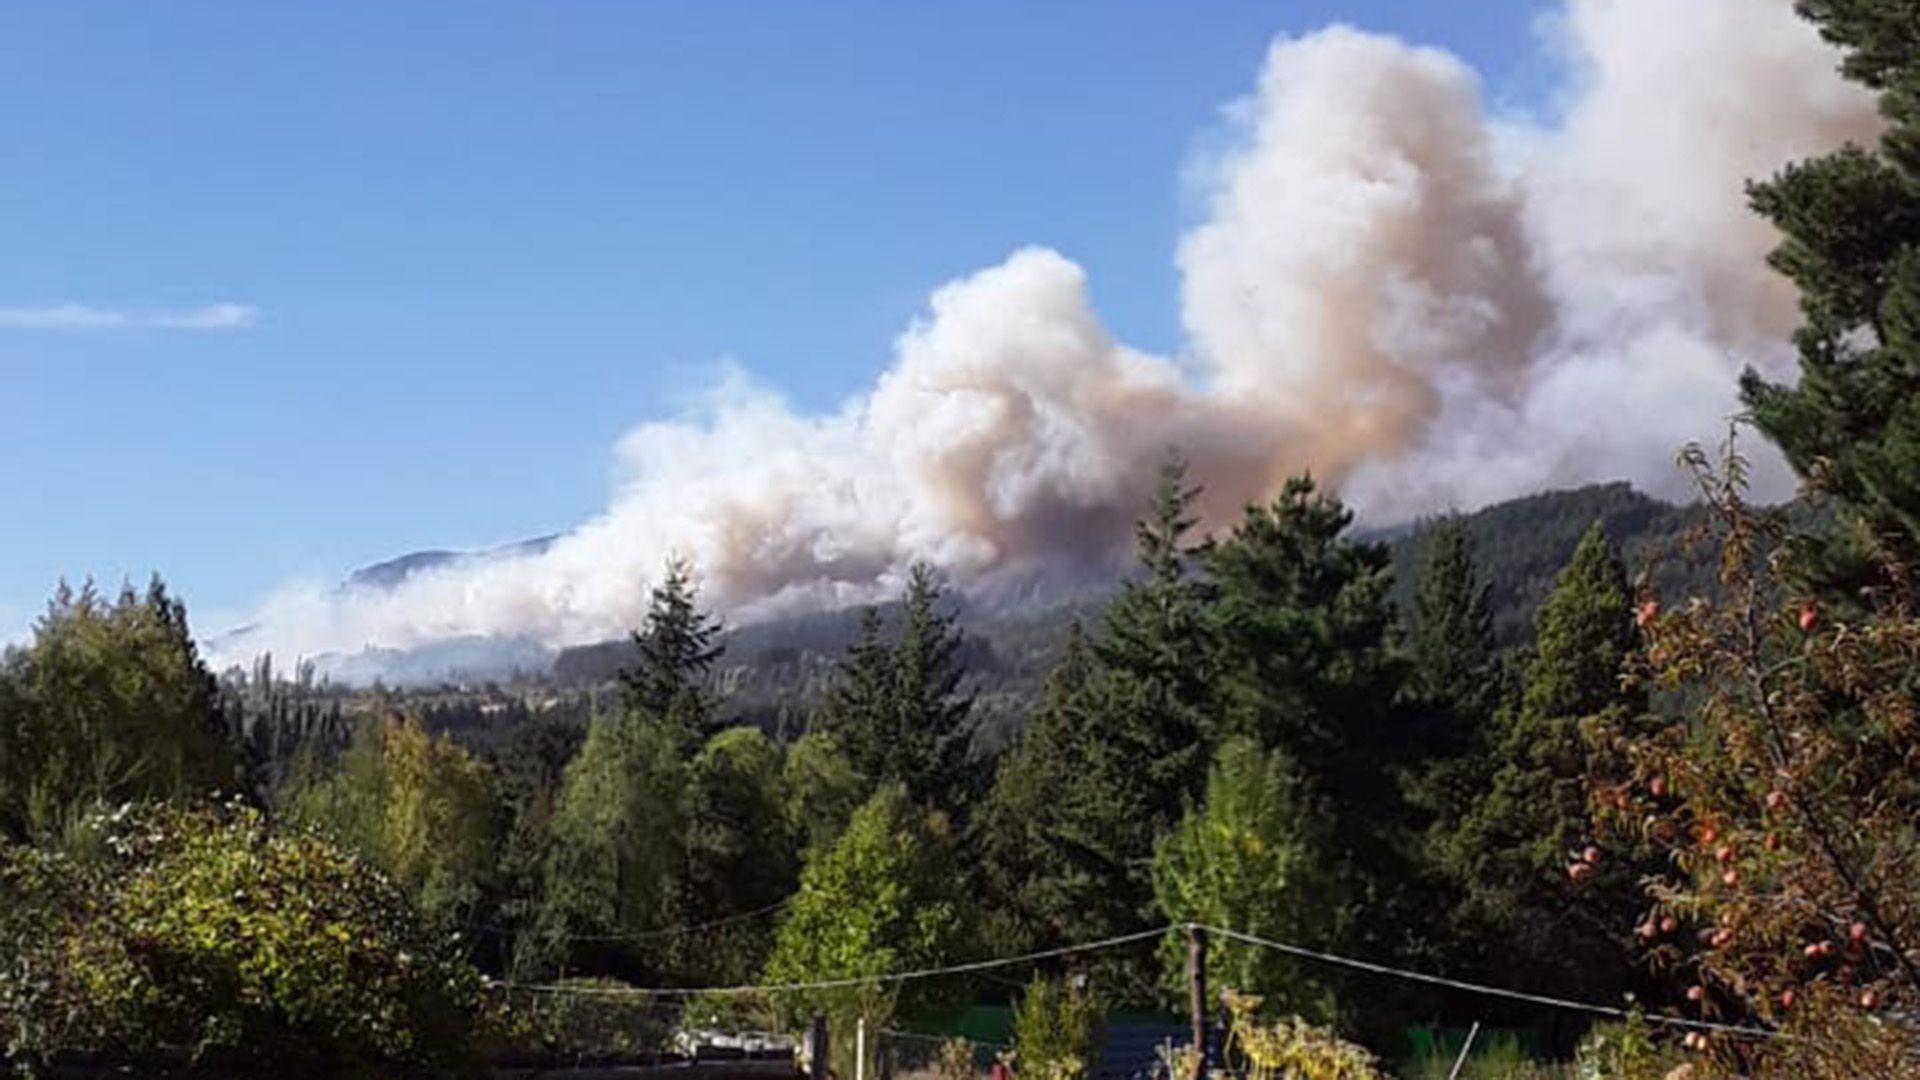 BOMBEROS DE EL HOYO incendios en el sur